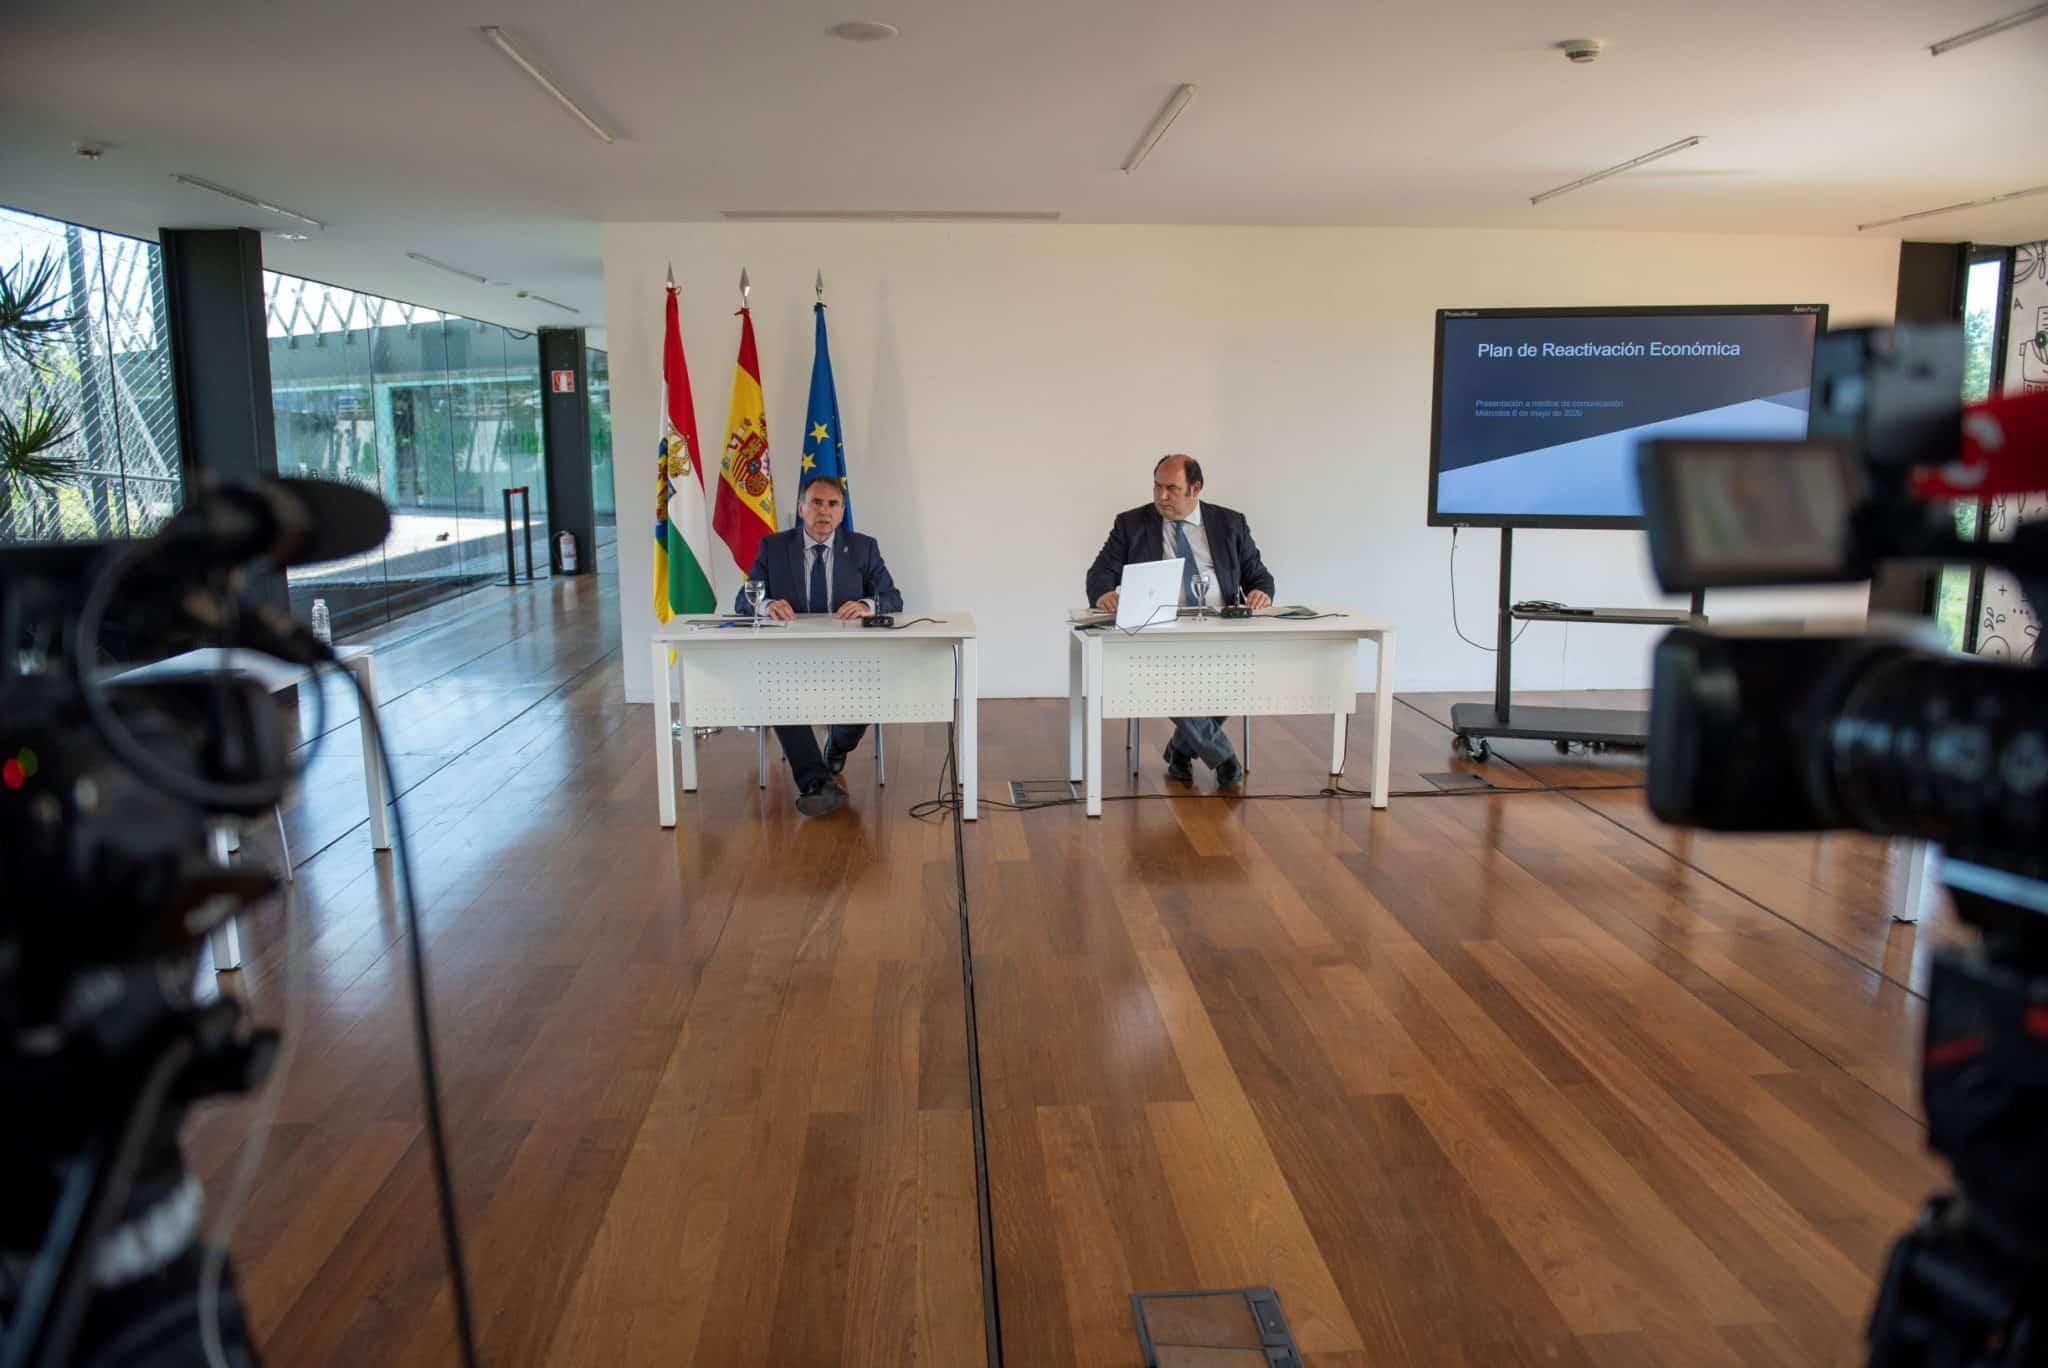 La Rioja destina 34,4 millones de euros al Plan de Reactivación Económica frente al coronavirus 1